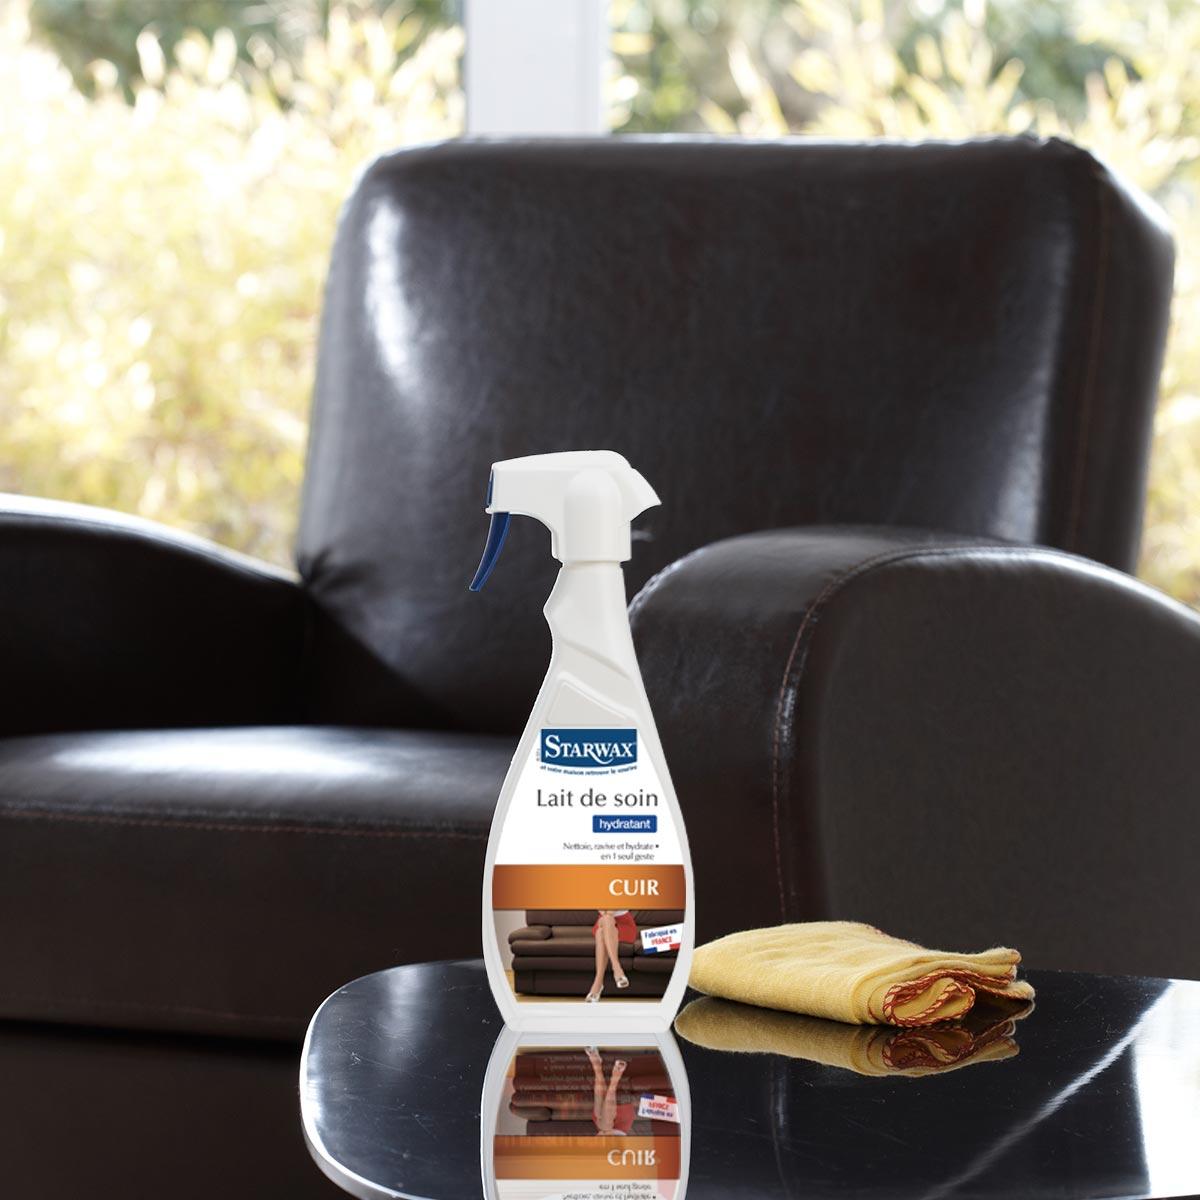 Entretien Du Cuir D Ameublement lait de soin hydratant pour cuir | starwax, produits d